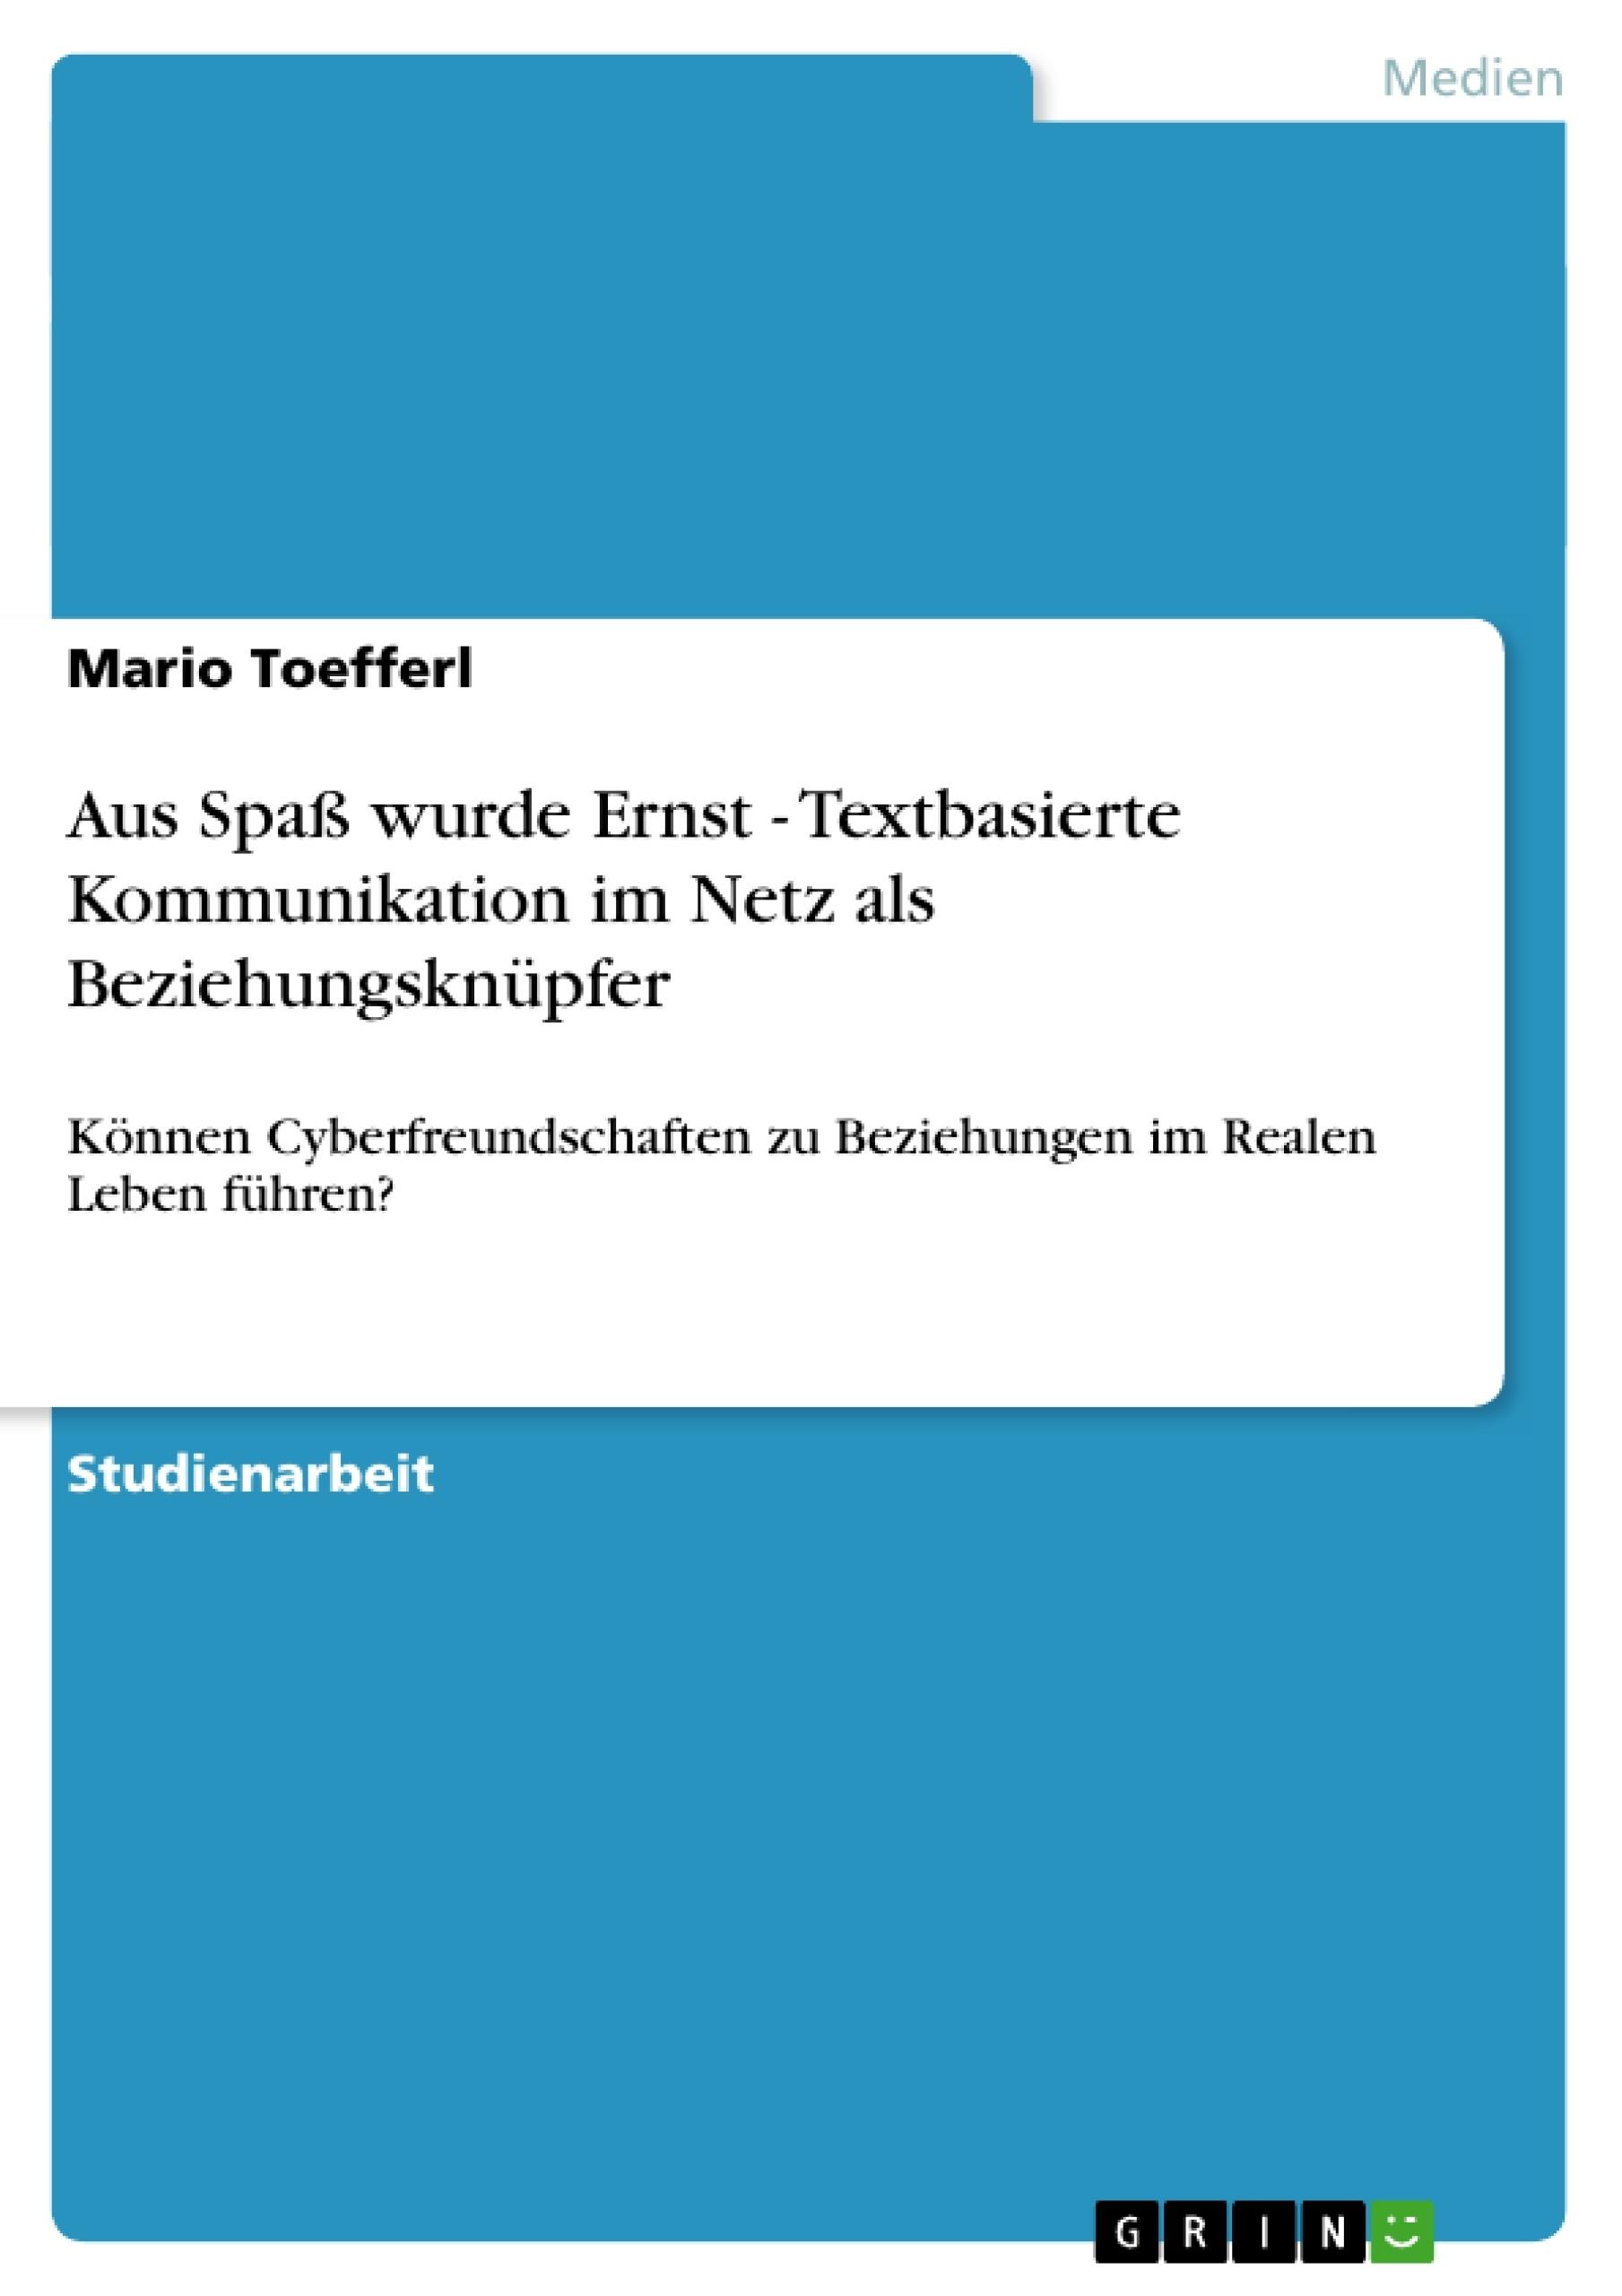 Titel: Aus Spaß wurde Ernst - Textbasierte Kommunikation im Netz als Beziehungsknüpfer